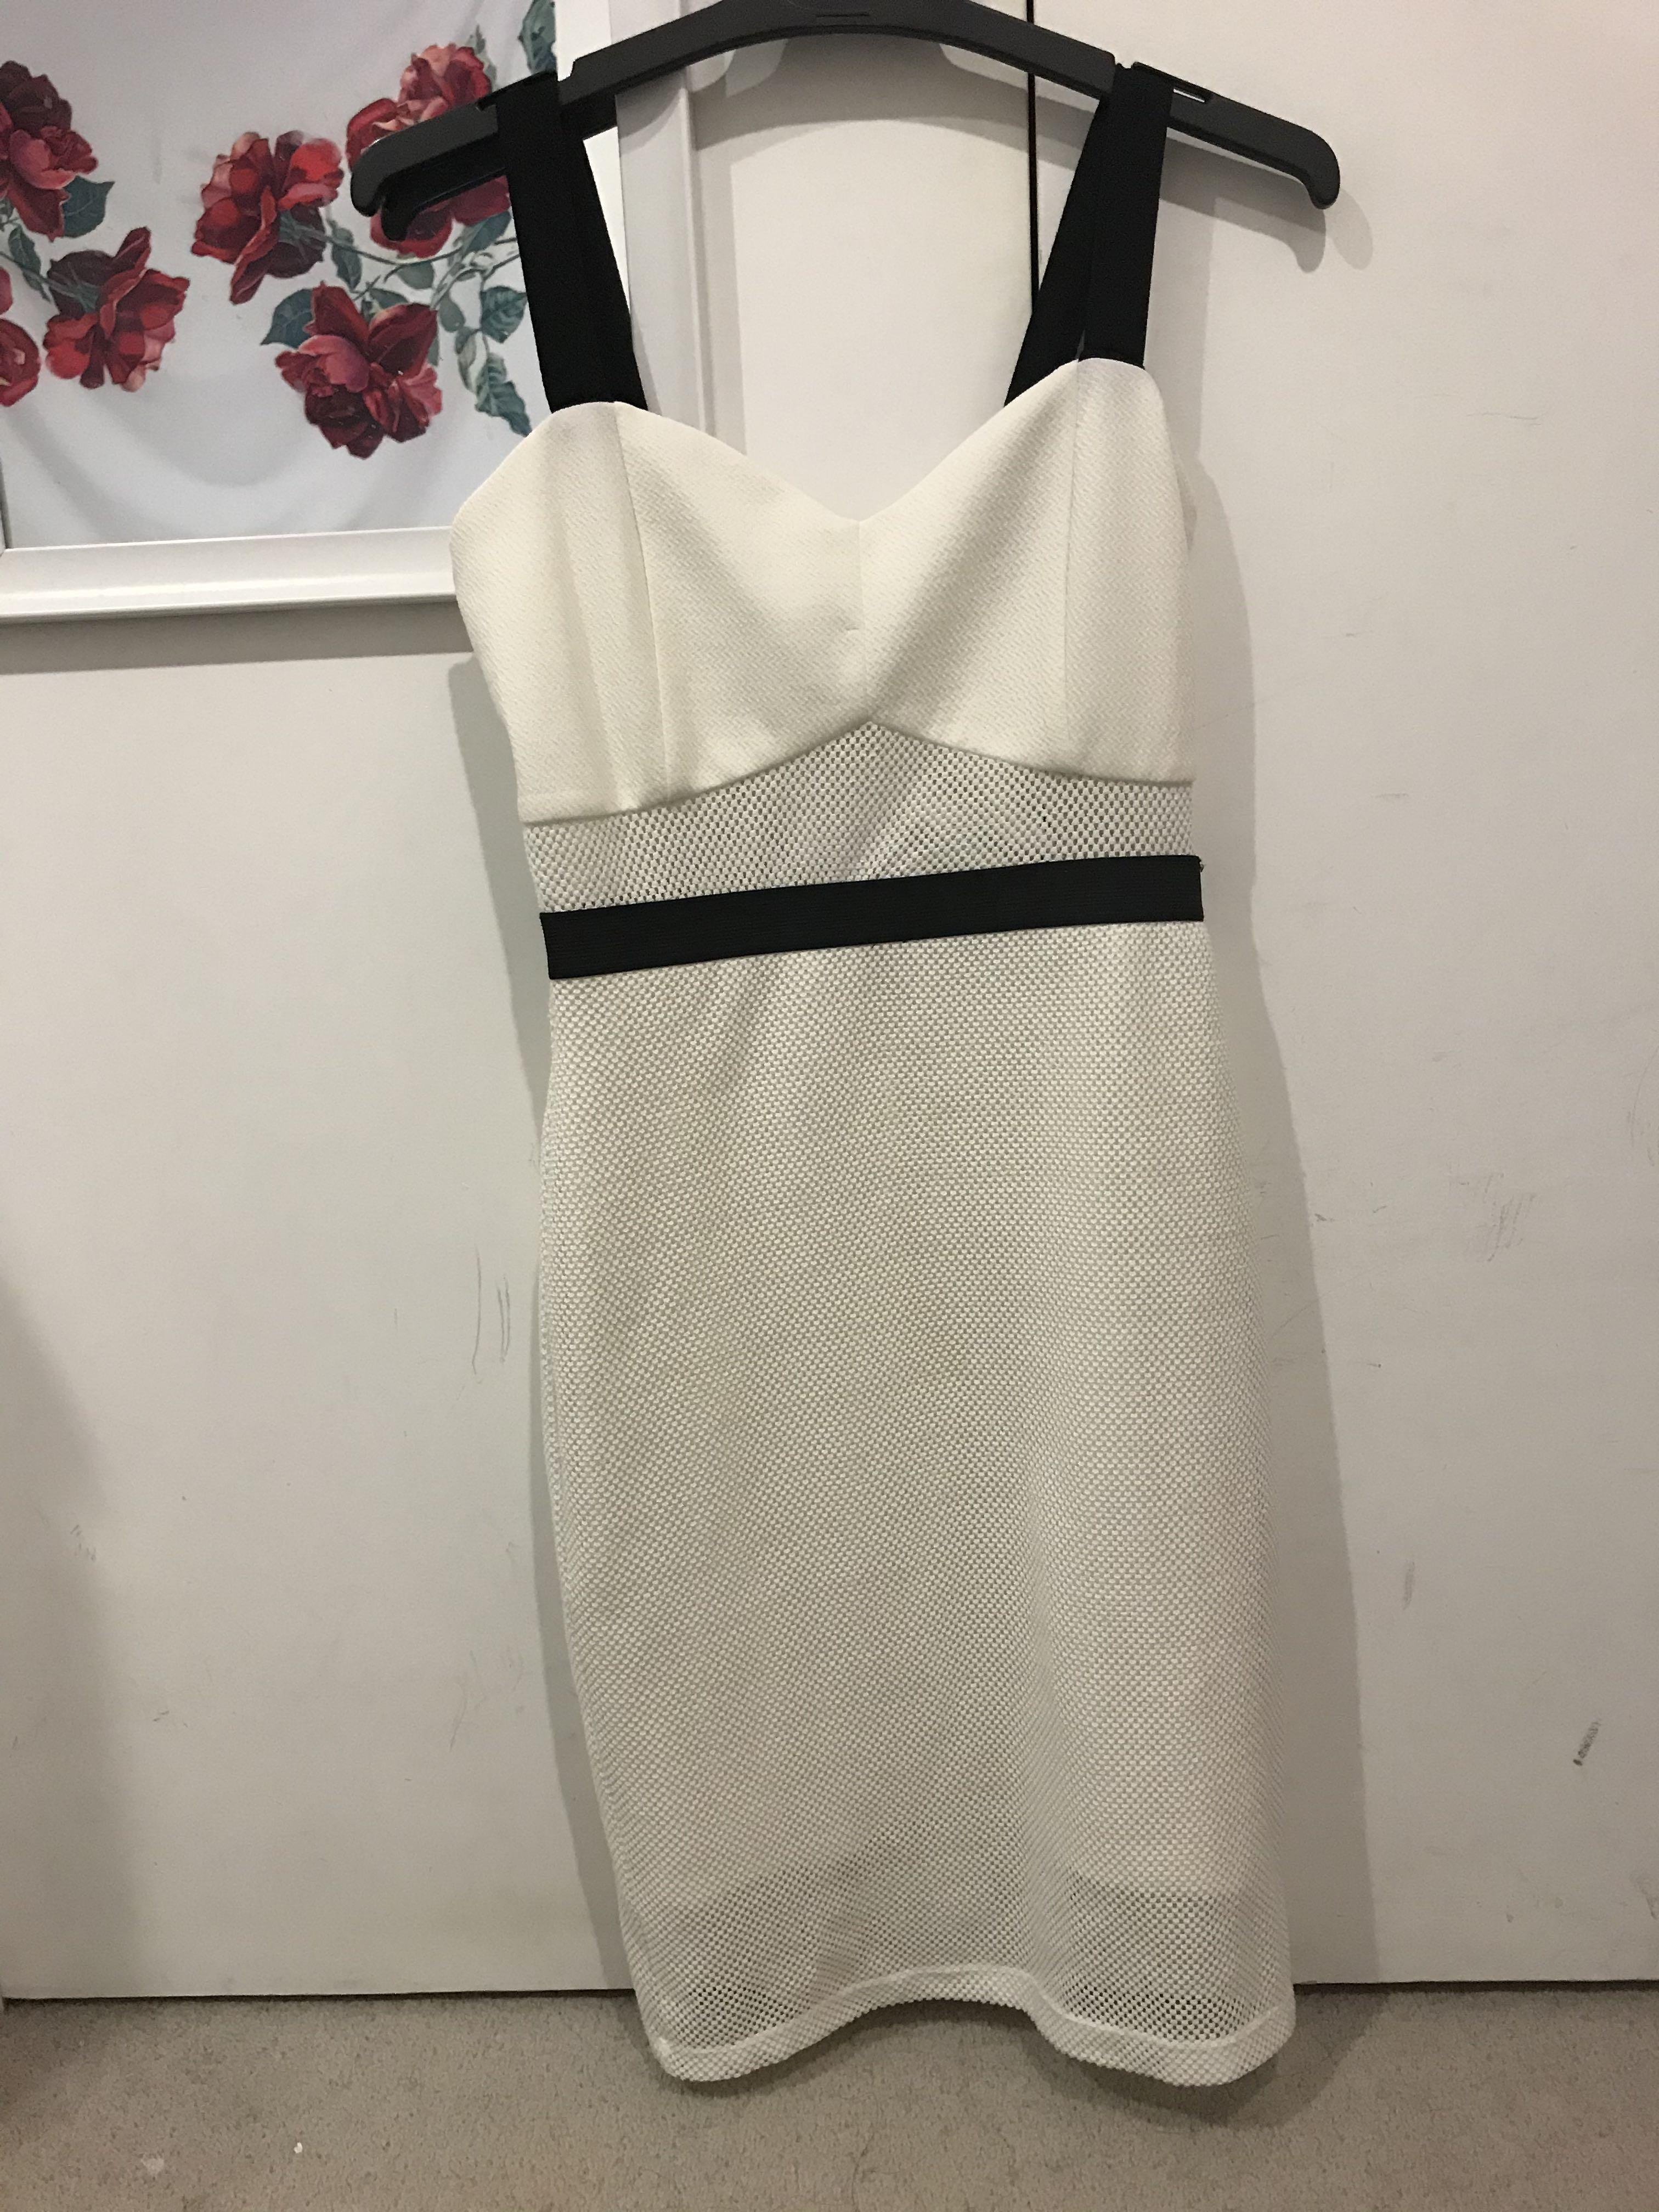 Lippy - White dress w/ mesh detail